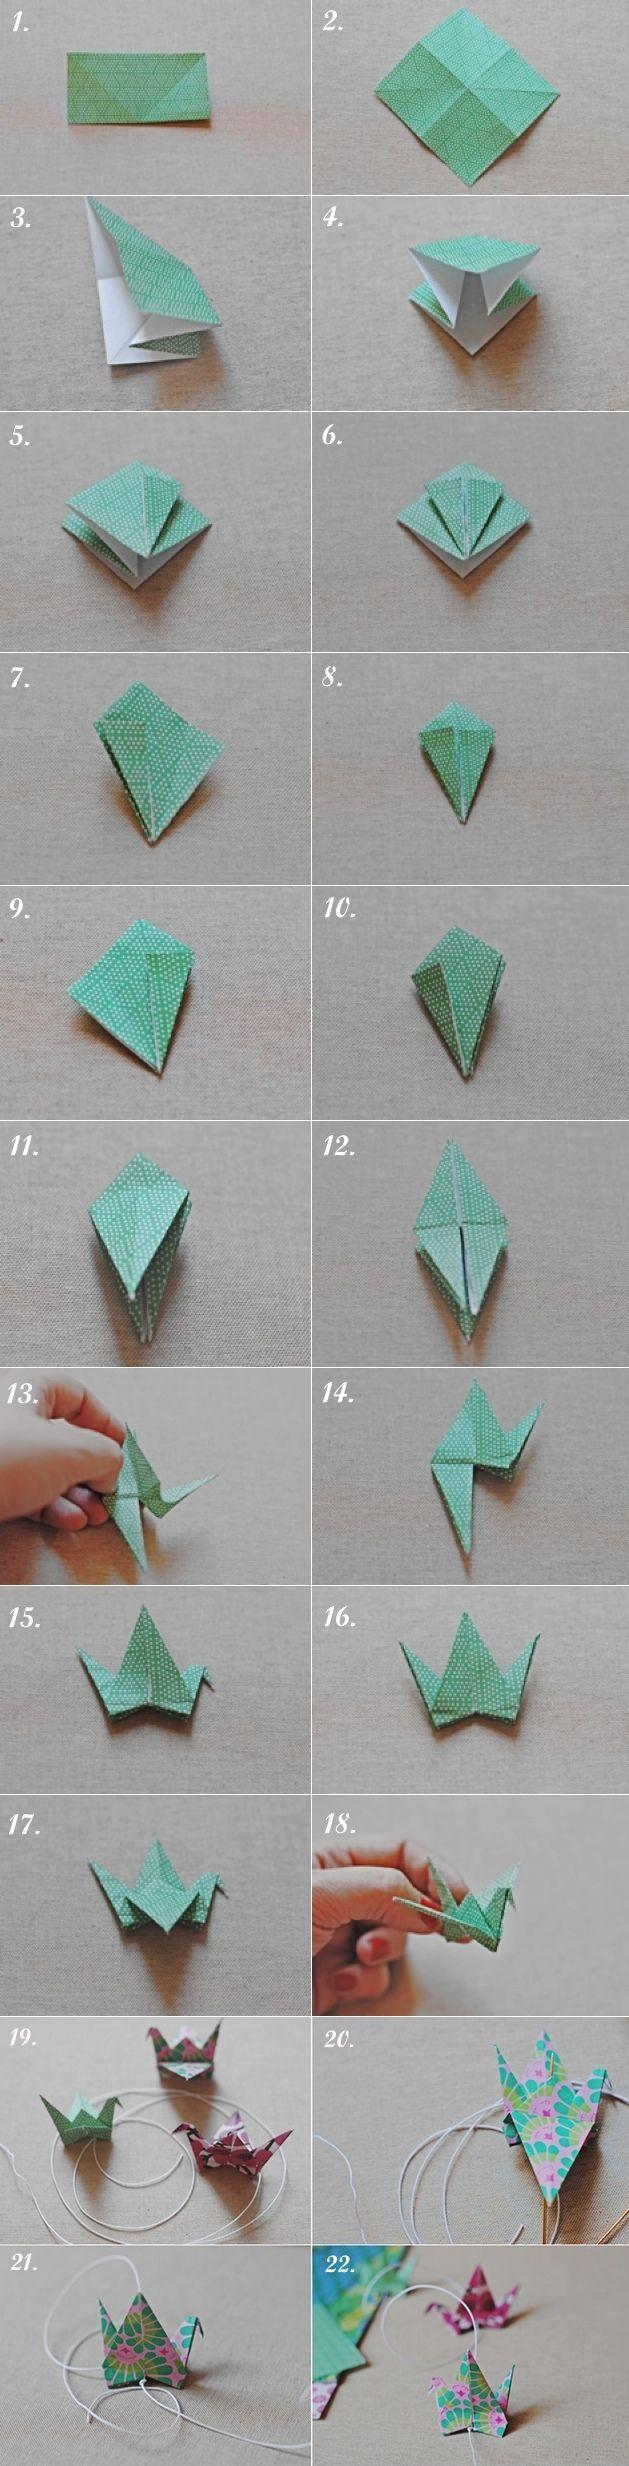 DIY. Cortina de grullas de origami/Origami crane curtain